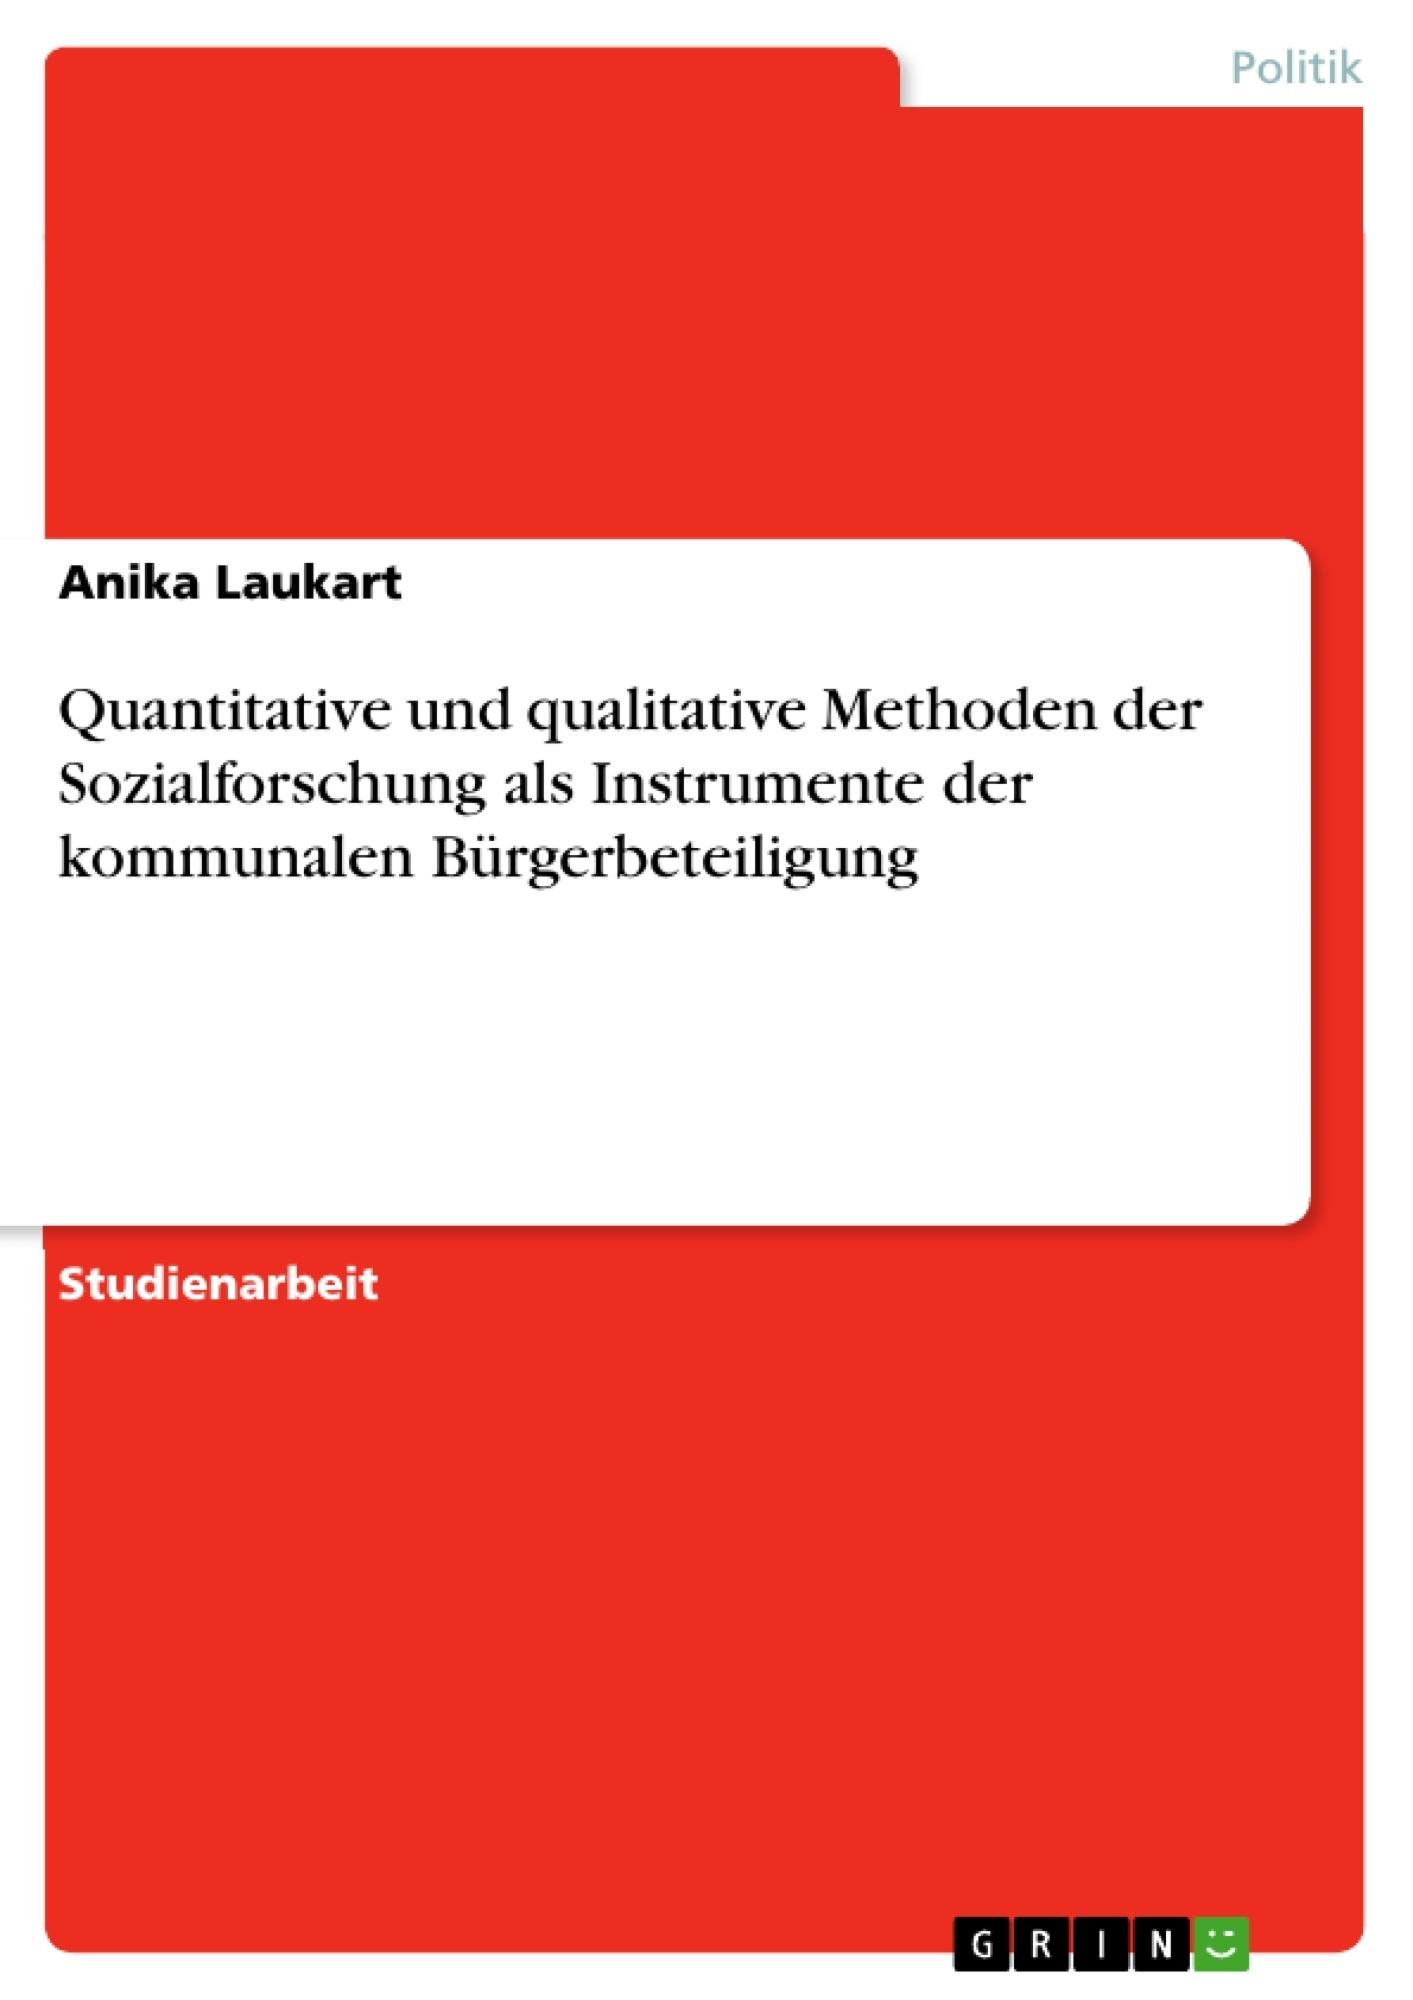 Titel: Quantitative und qualitative Methoden der Sozialforschung als Instrumente der kommunalen Bürgerbeteiligung